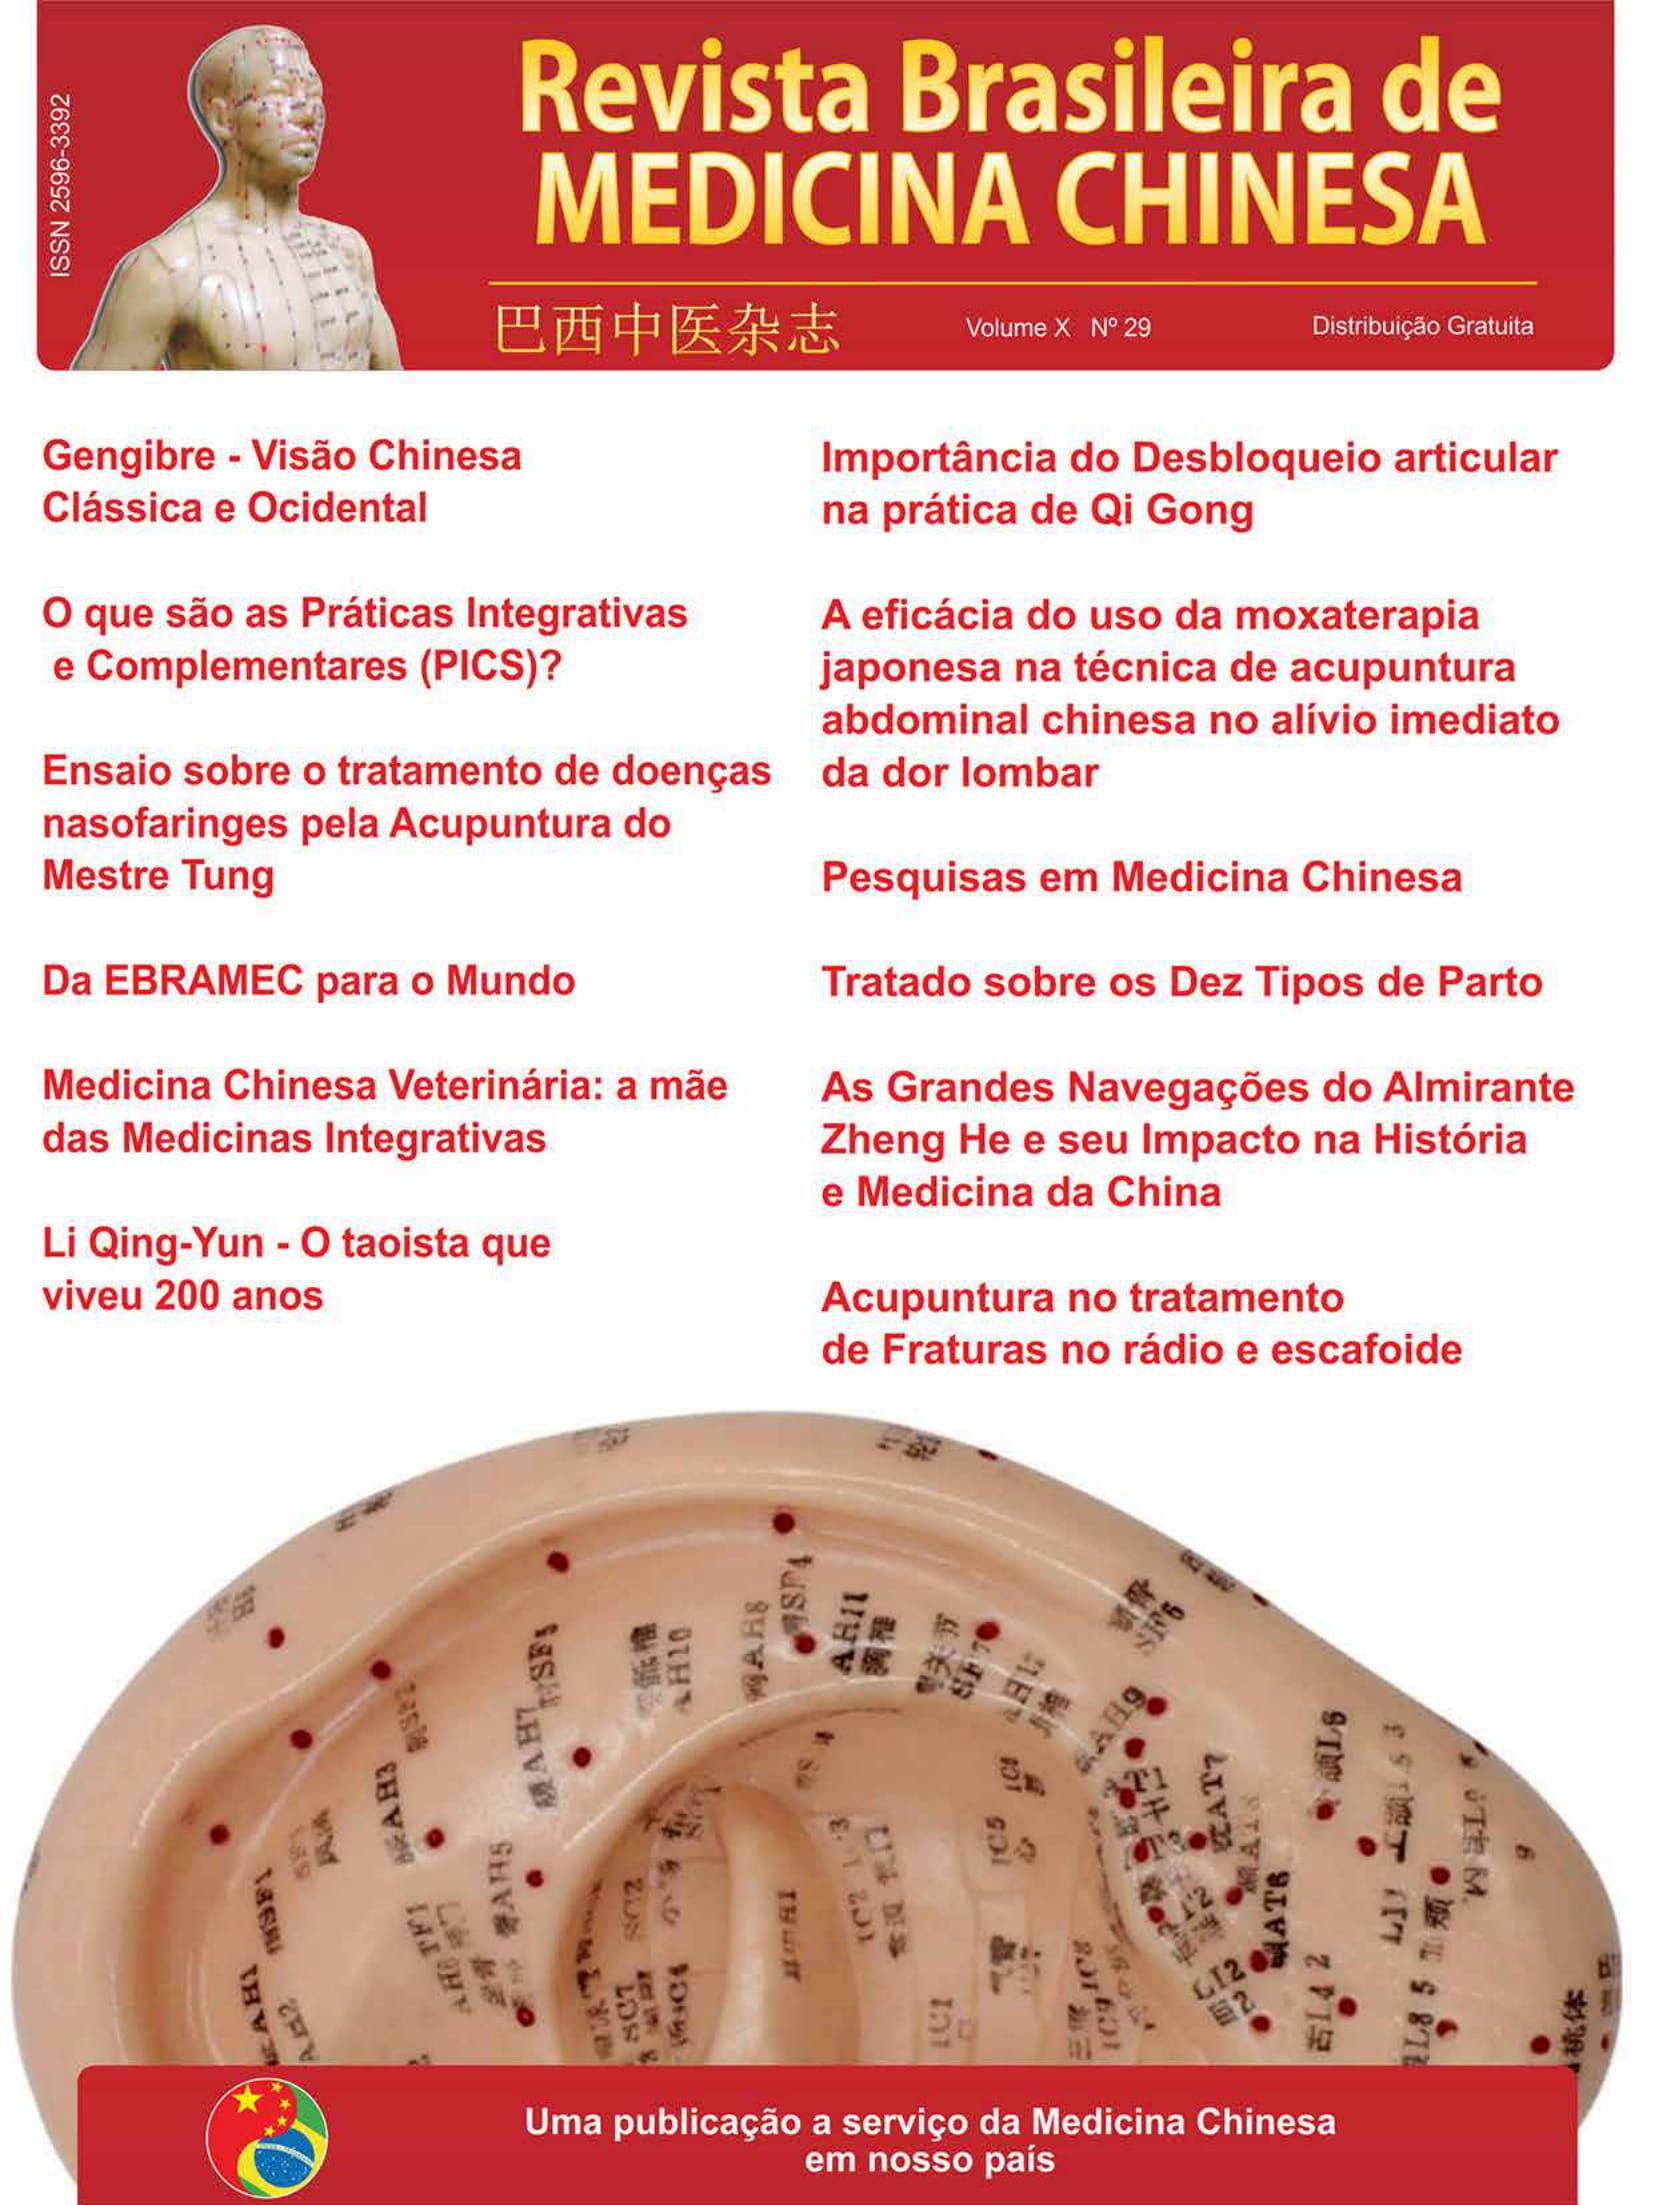 Revista Brasileira de Medicina Chinesa – 29ª Edição